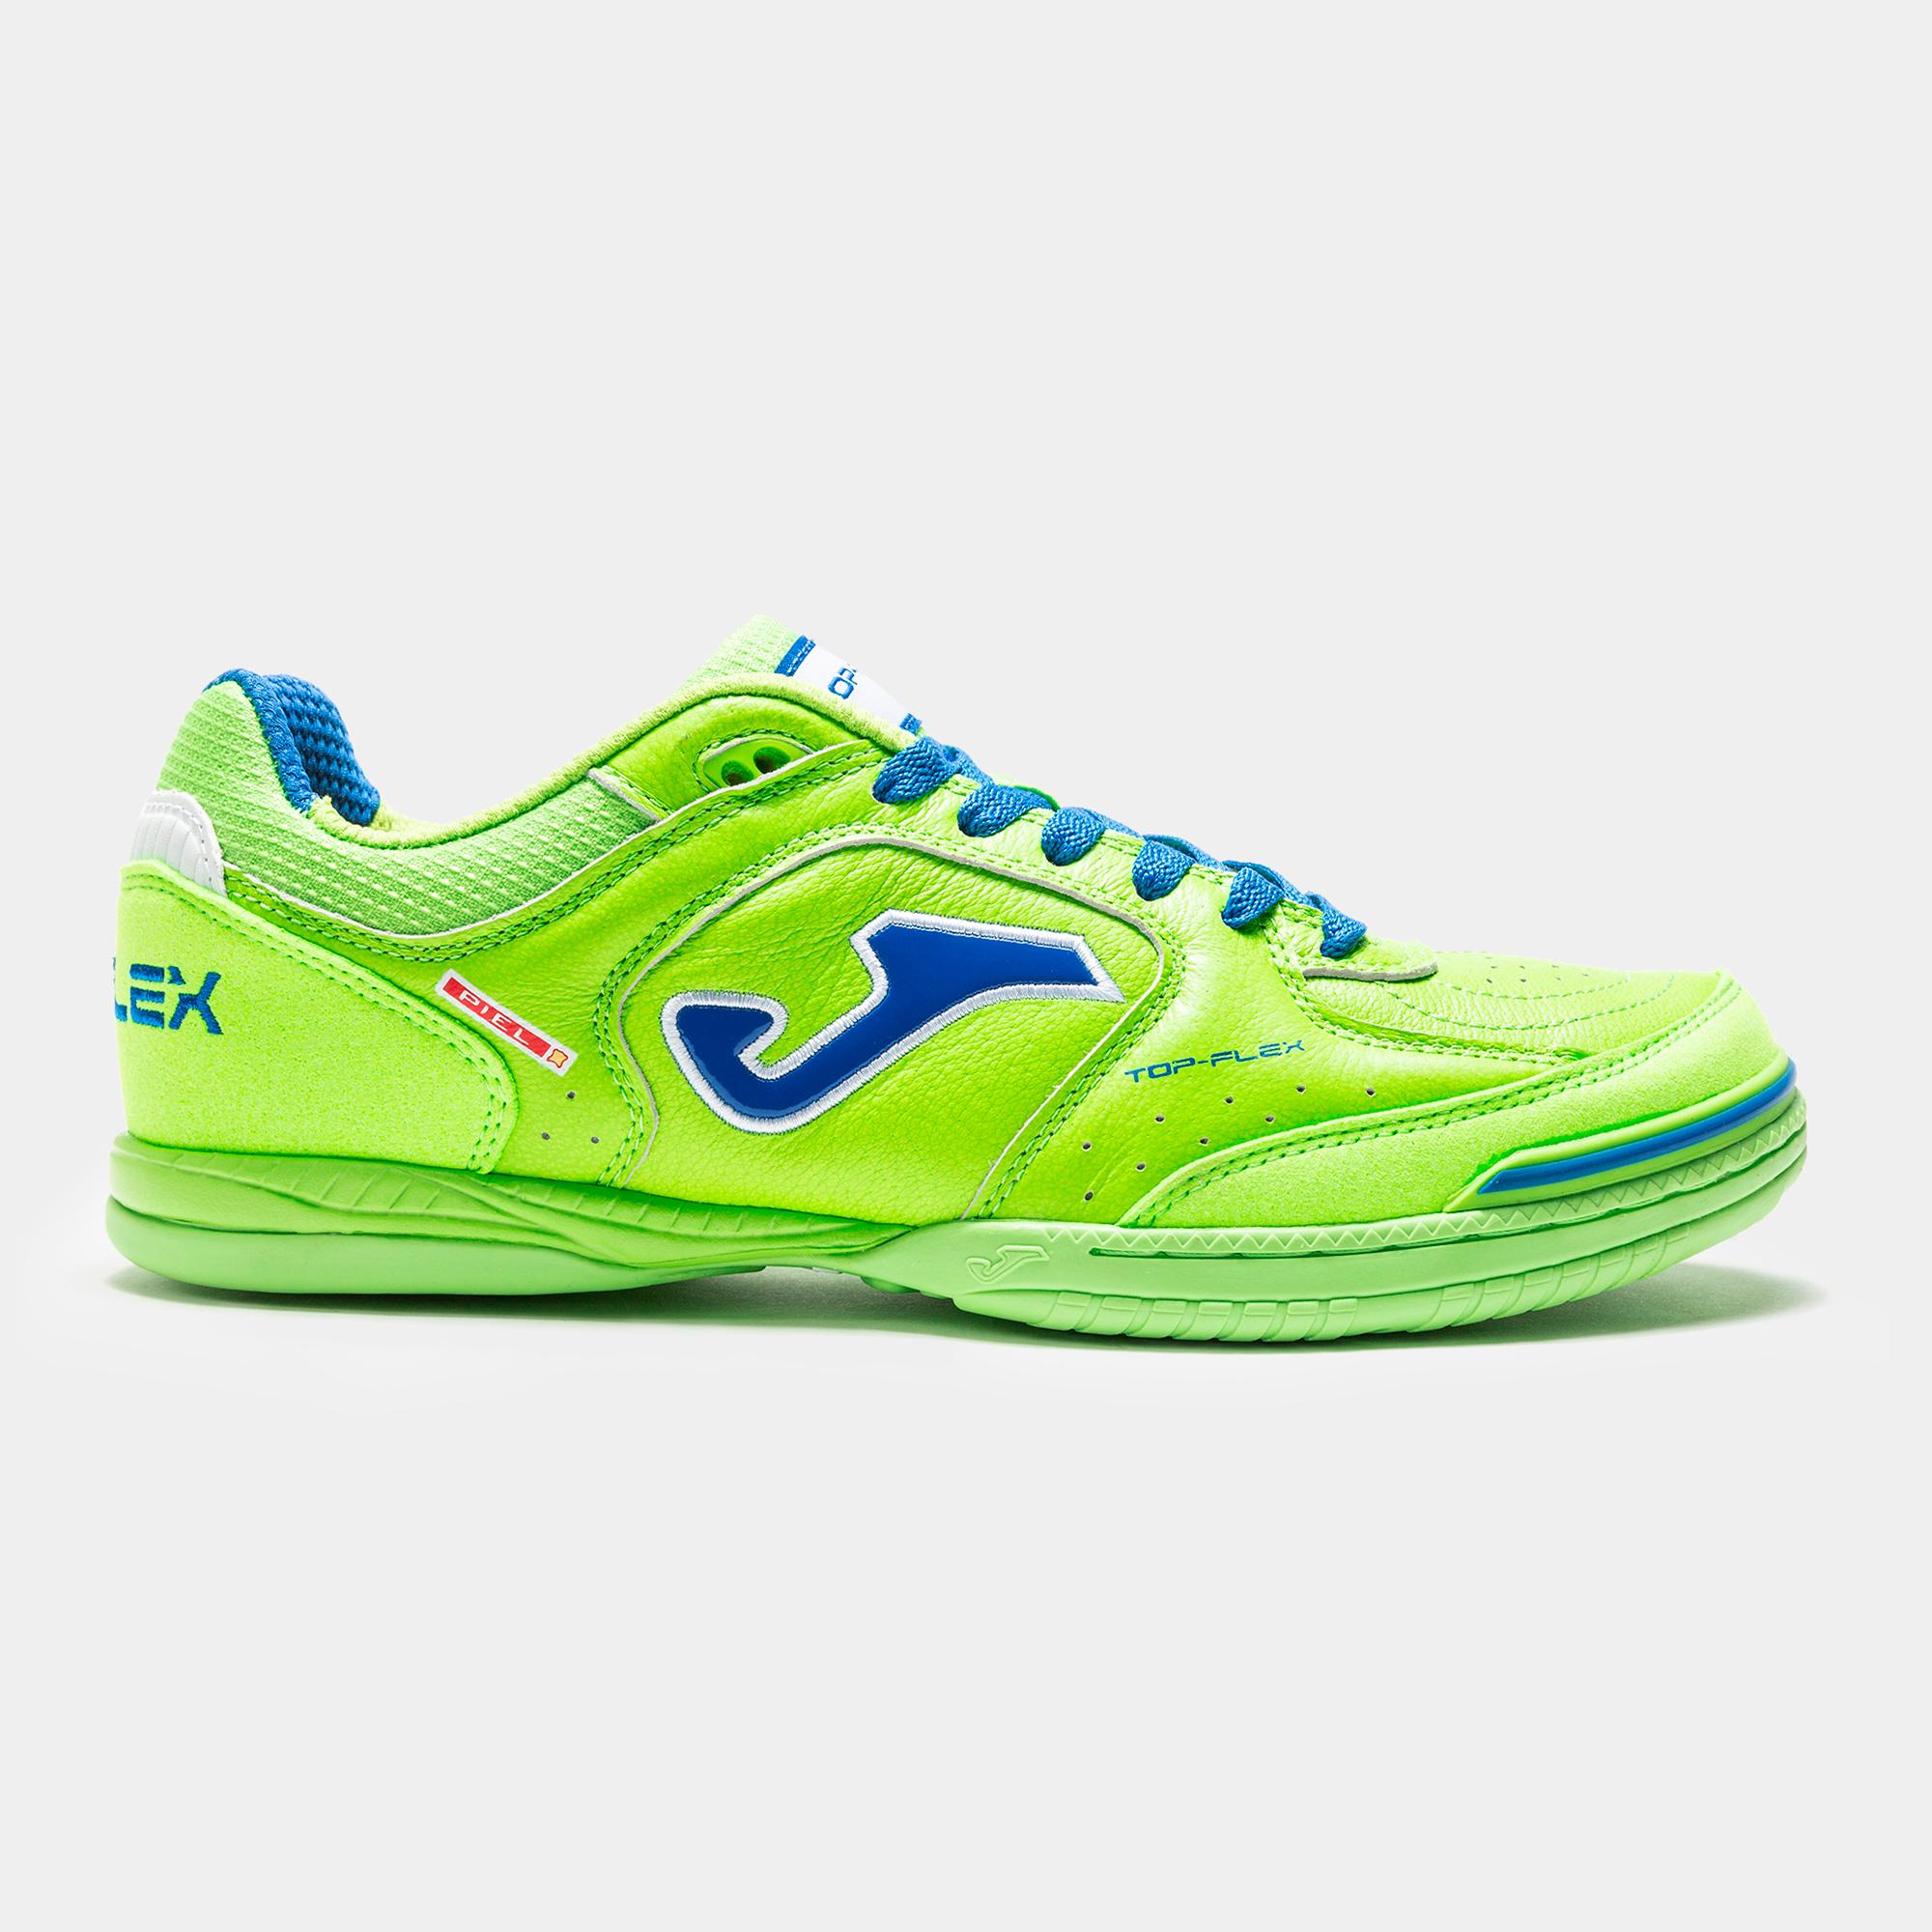 Blanc-Vert Joma Top Flex Chaussure de Futsal